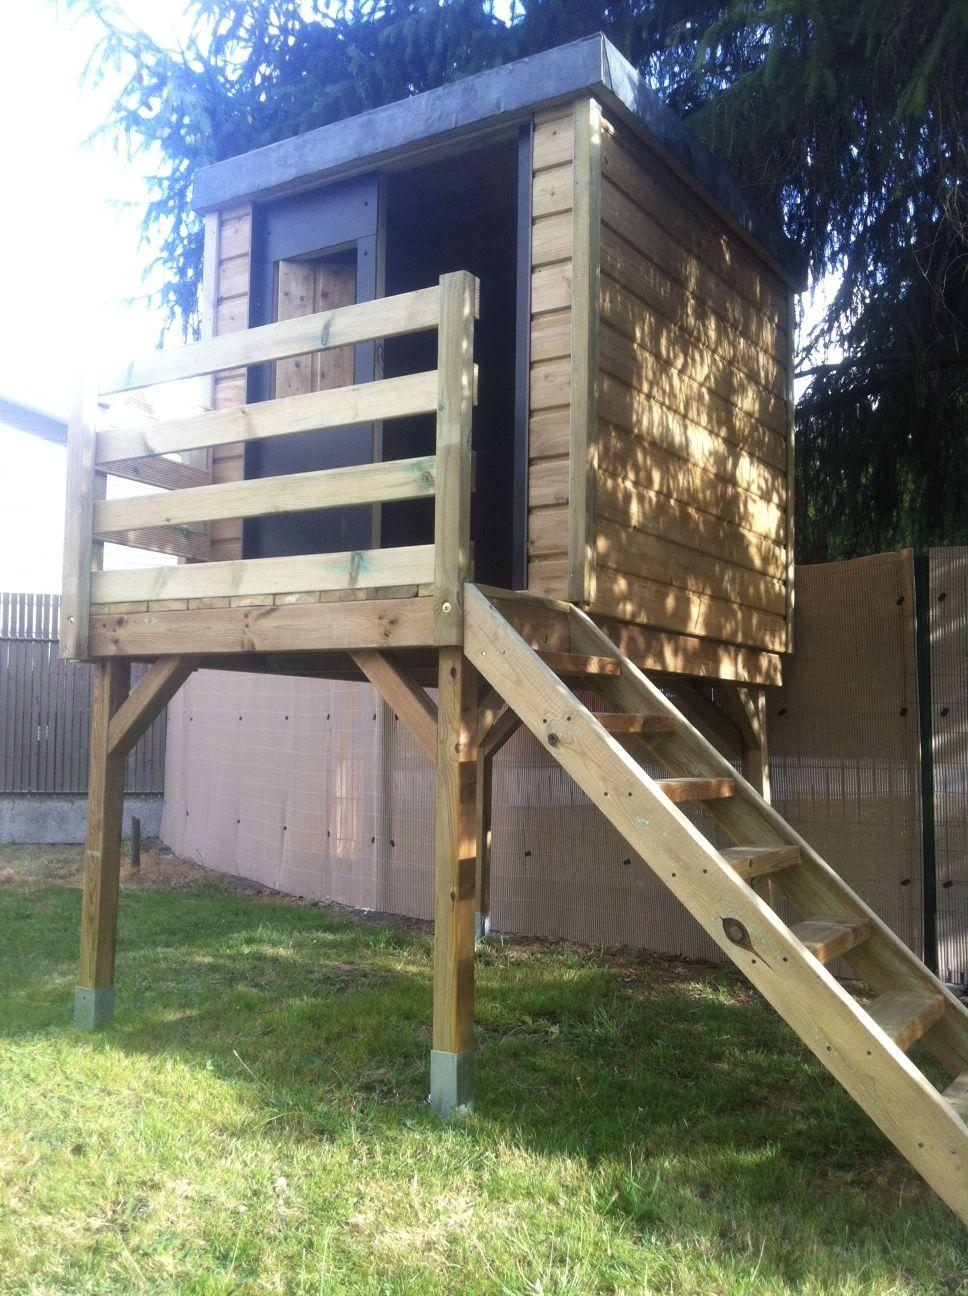 ikid maisonnette d 39 enfants cabane de jardin toit plat ikid maisonnette d 39 enfants. Black Bedroom Furniture Sets. Home Design Ideas